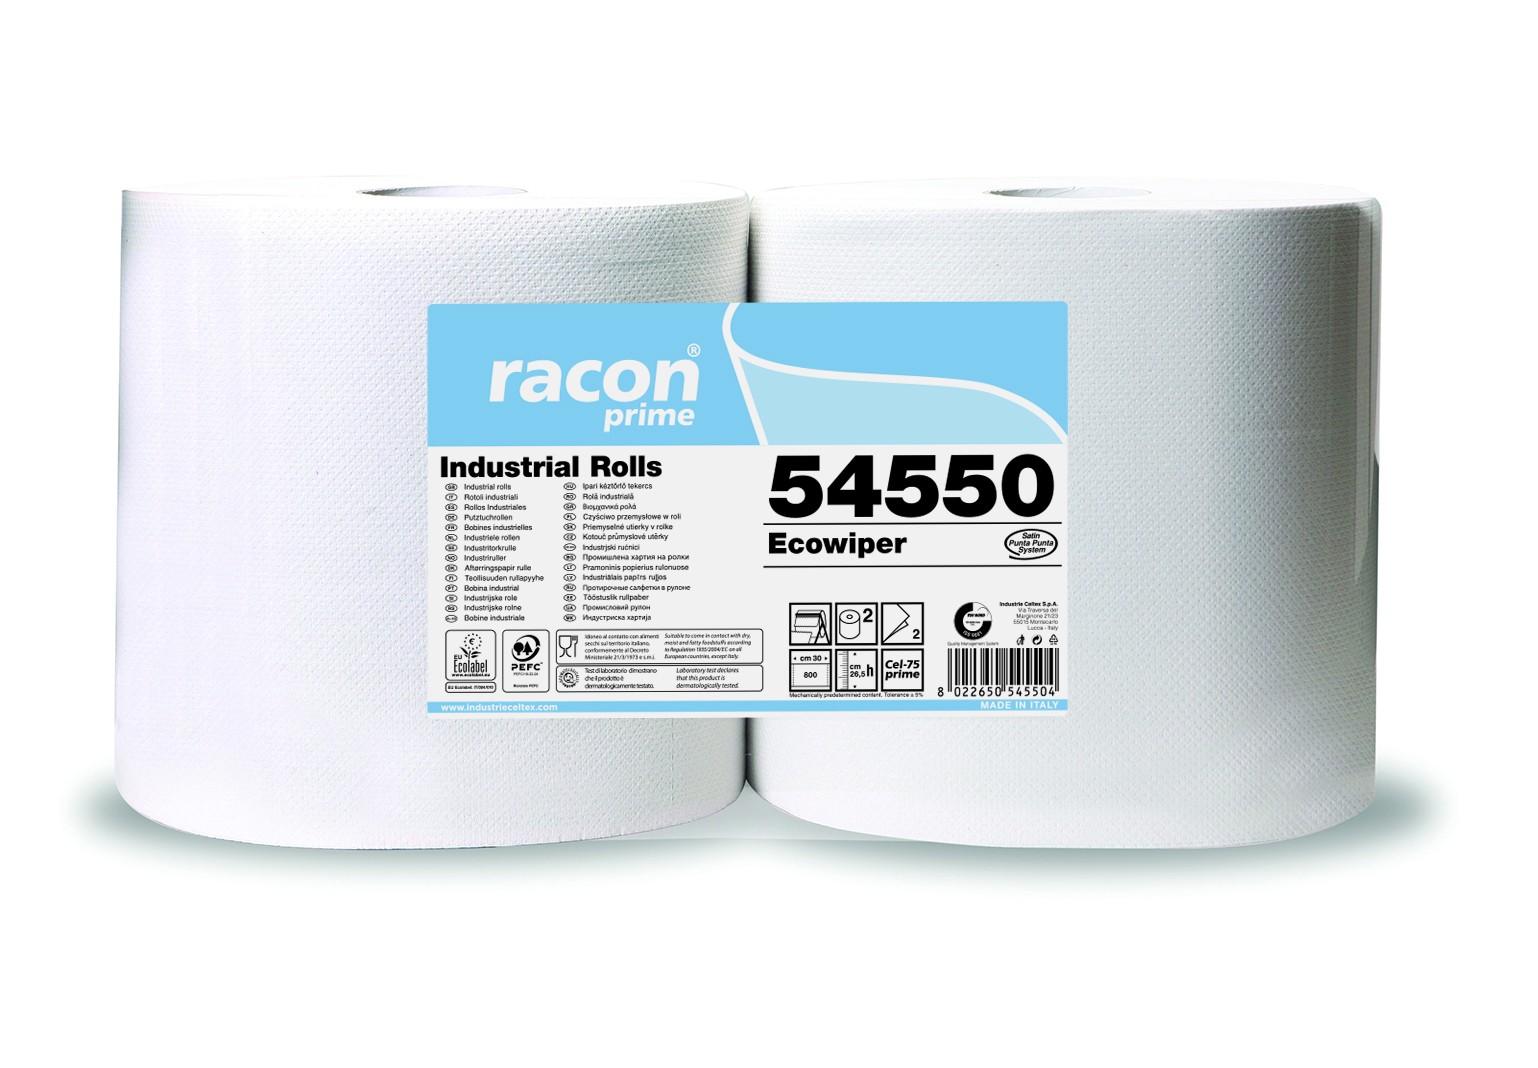 Bobines ouate blanches  800 Formats 2 plis  Colis de 2